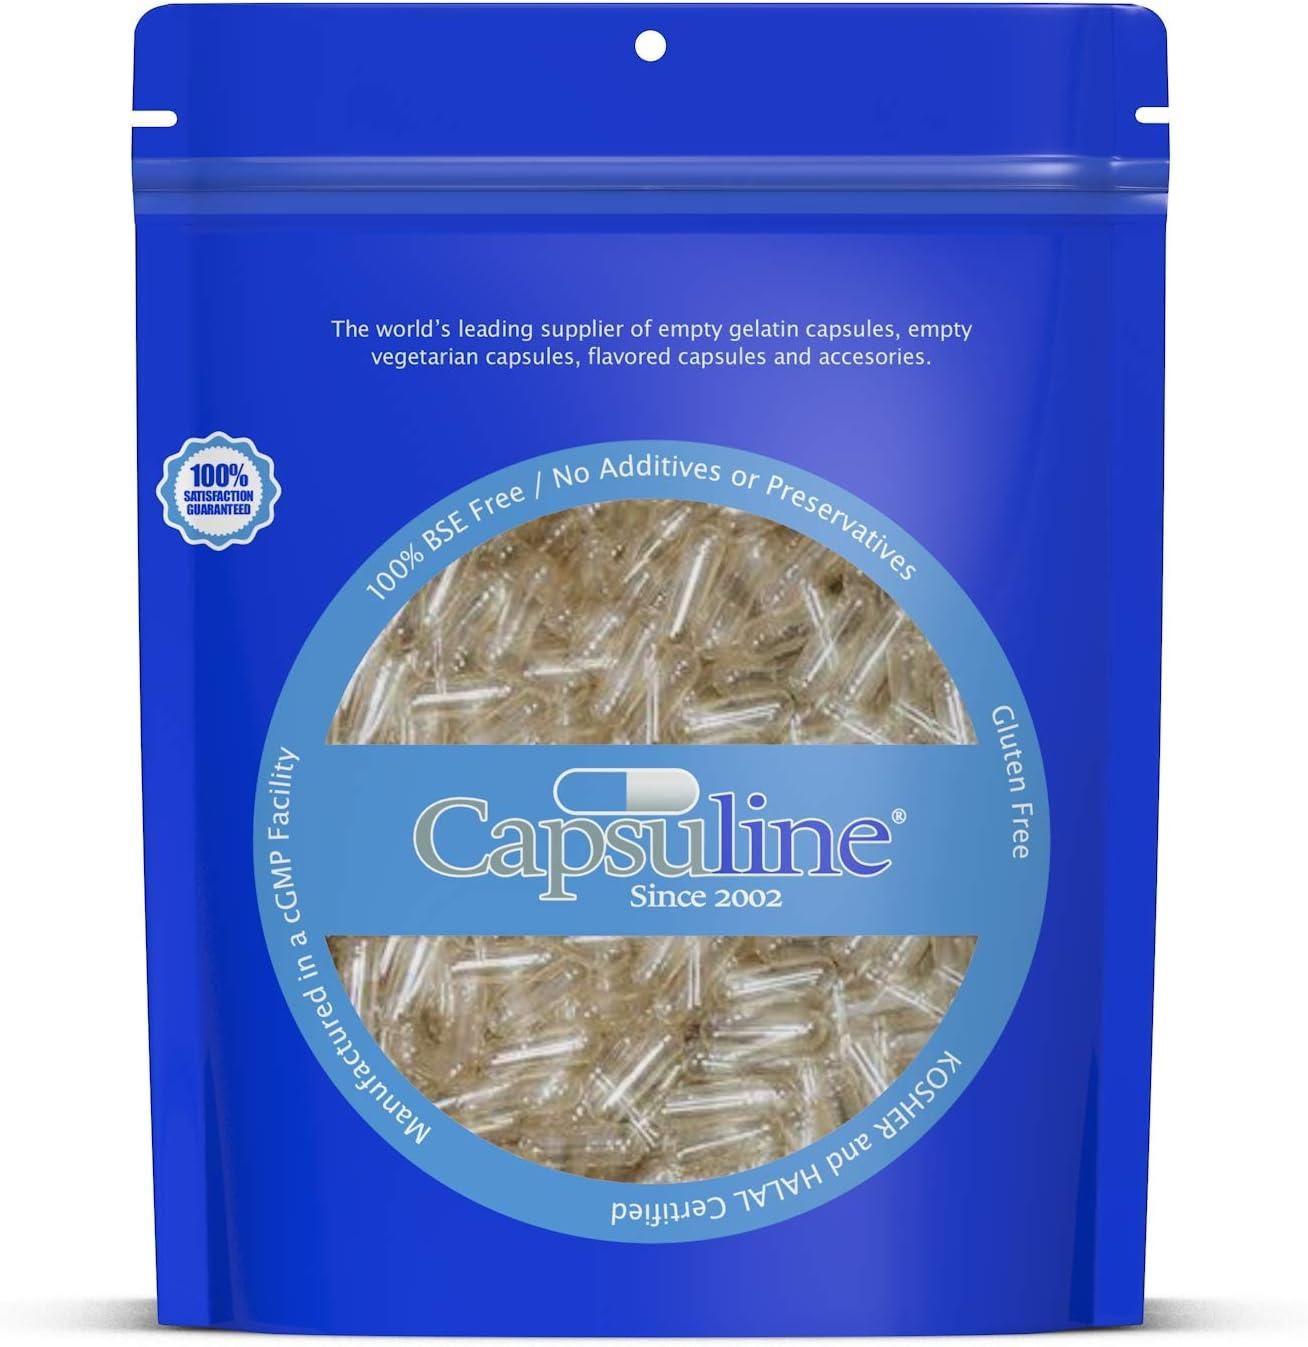 Cápsulas de Gelatina Vacías Transparentes Tamaño 0 de Capsuline - 1000 Unidades